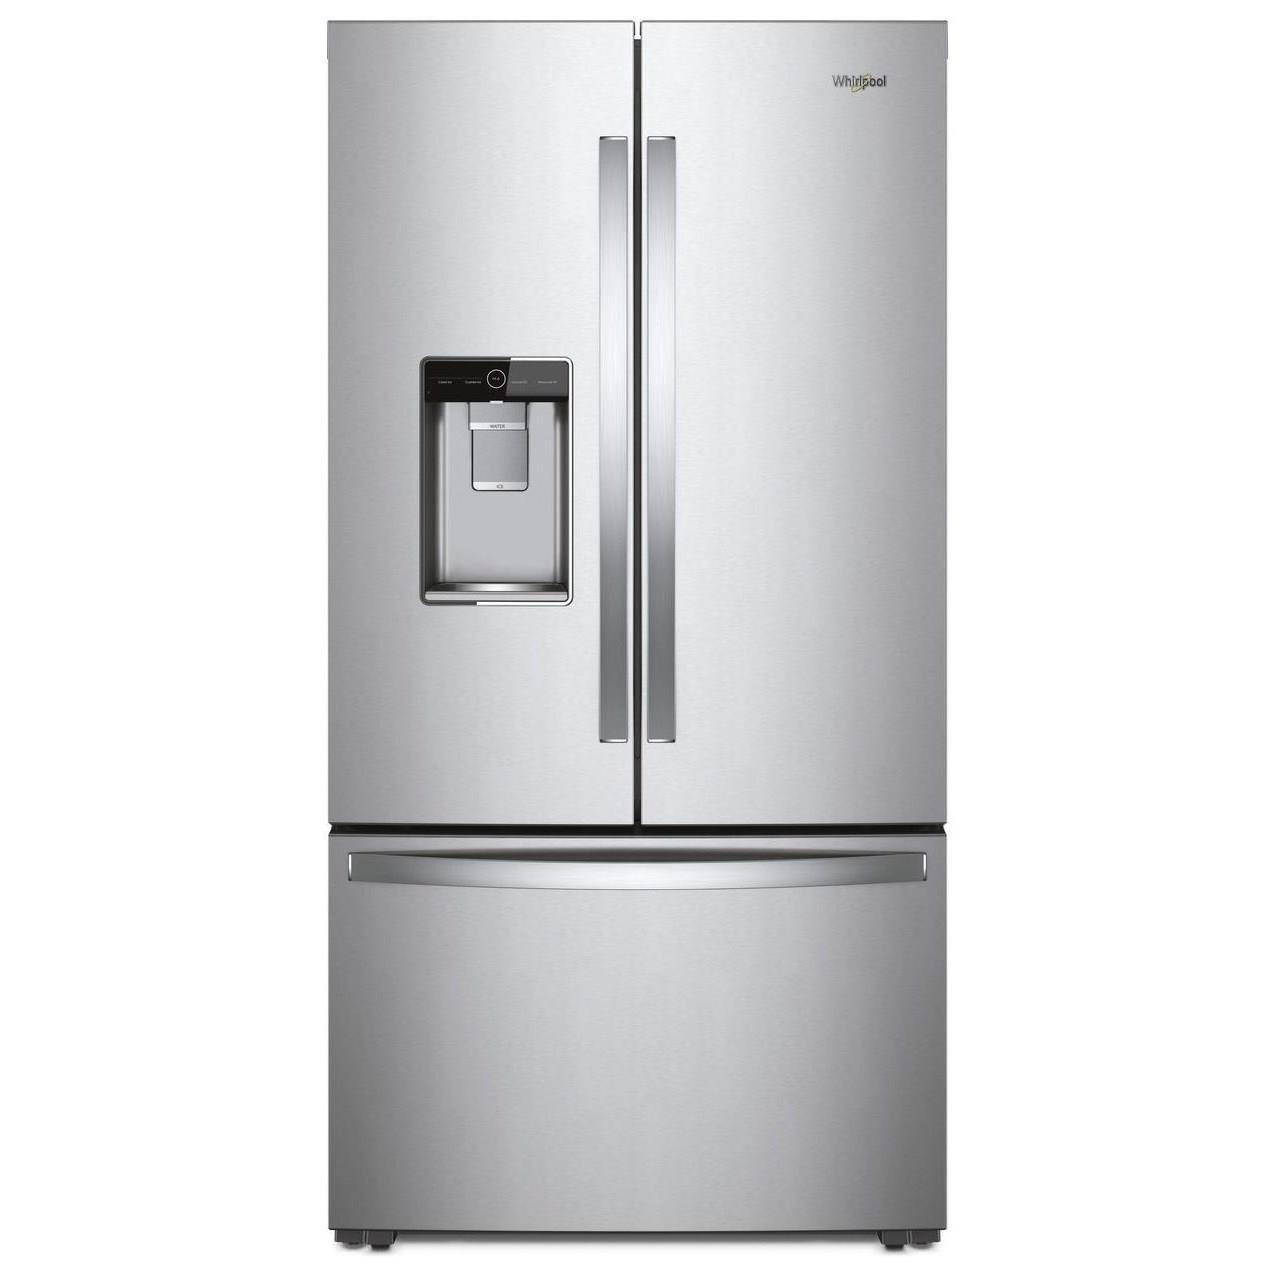 Whirlpool French Door Refrigerators 36 Inch Wide Counter Depth French Door  Refrigerator   24 Cu